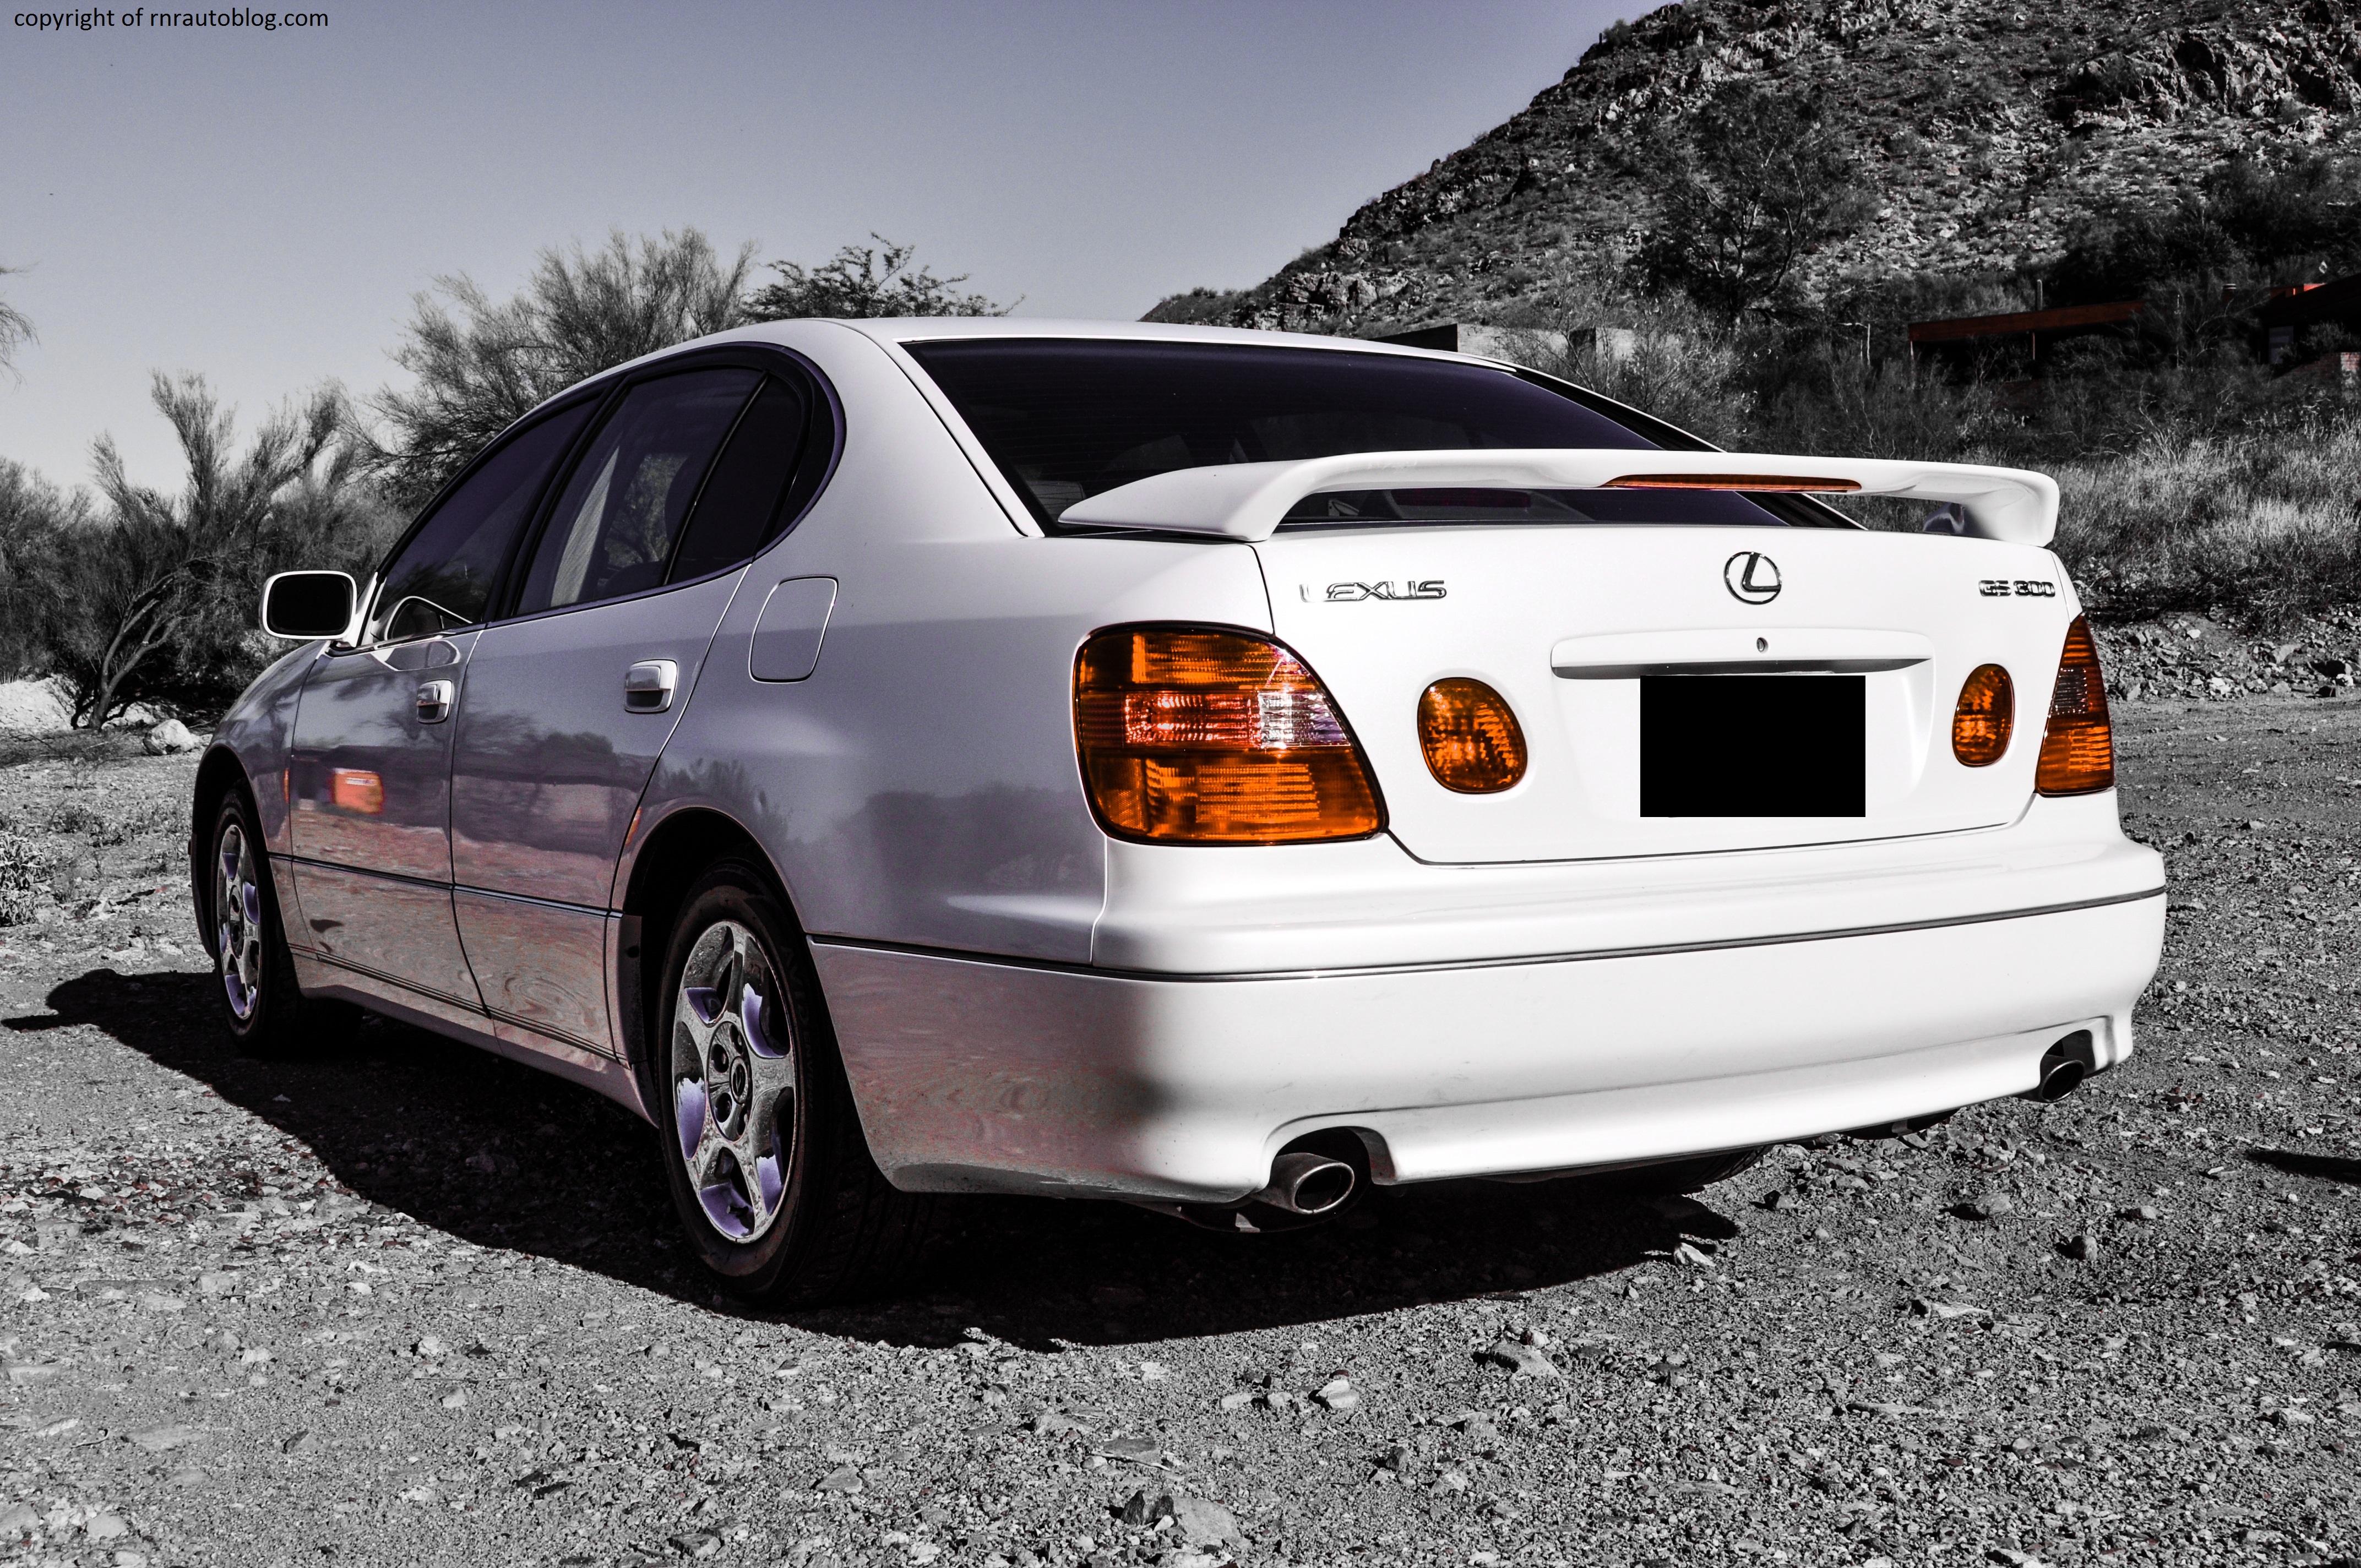 2000 Lexus Gs300 Review Rnr Automotive Blog